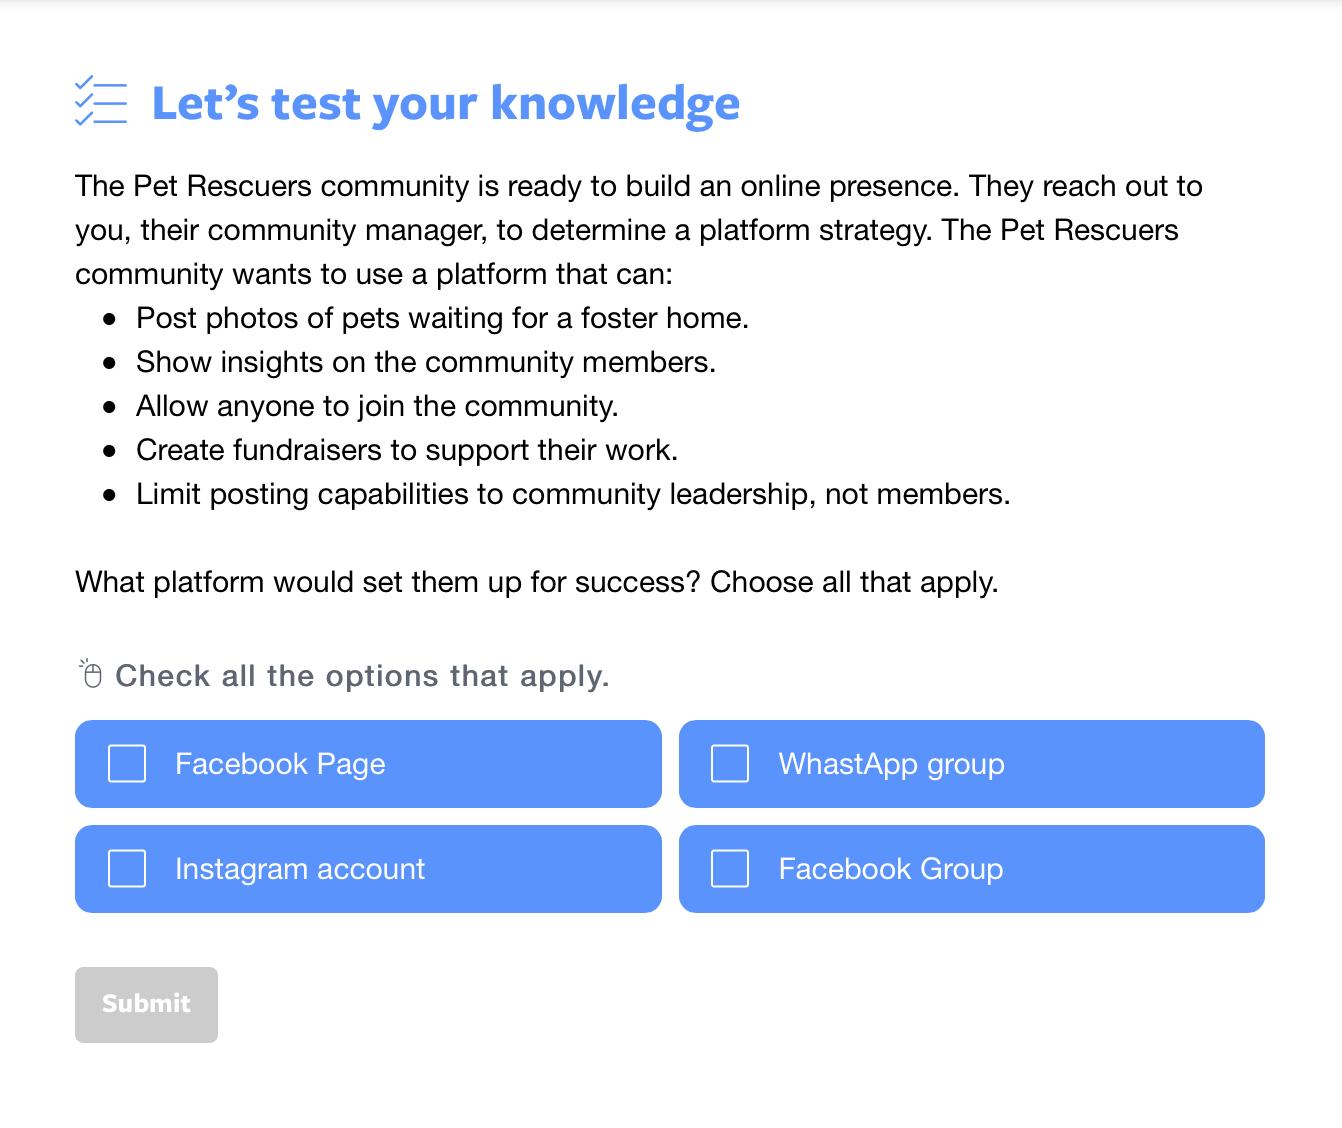 Így válhatsz profi közösségimédia-szakemberré a Facebookkal